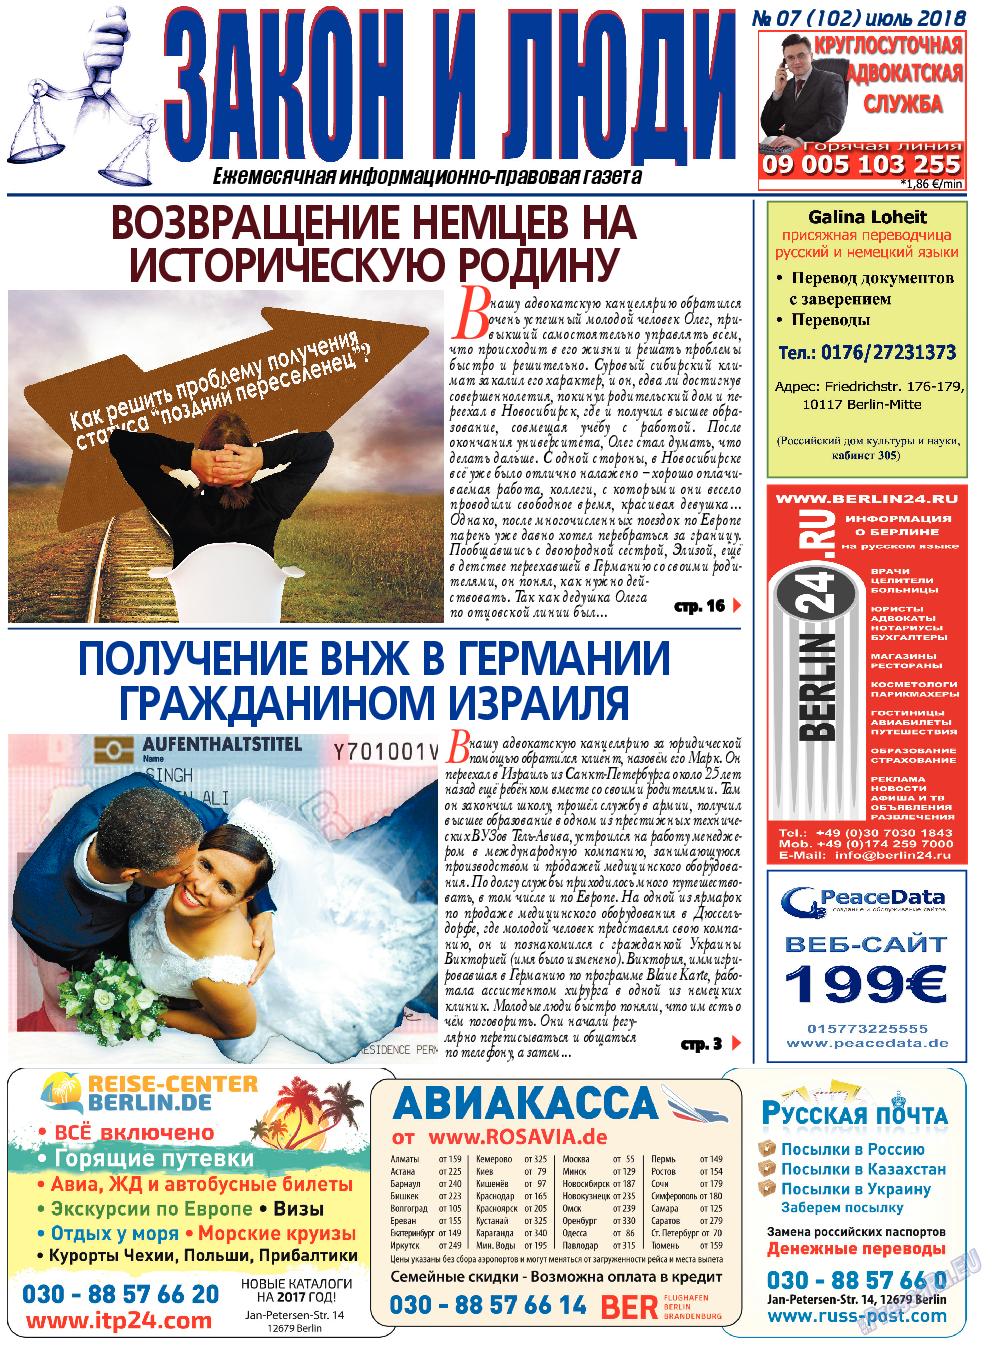 Закон и люди (газета). 2018 год, номер 7, стр. 1